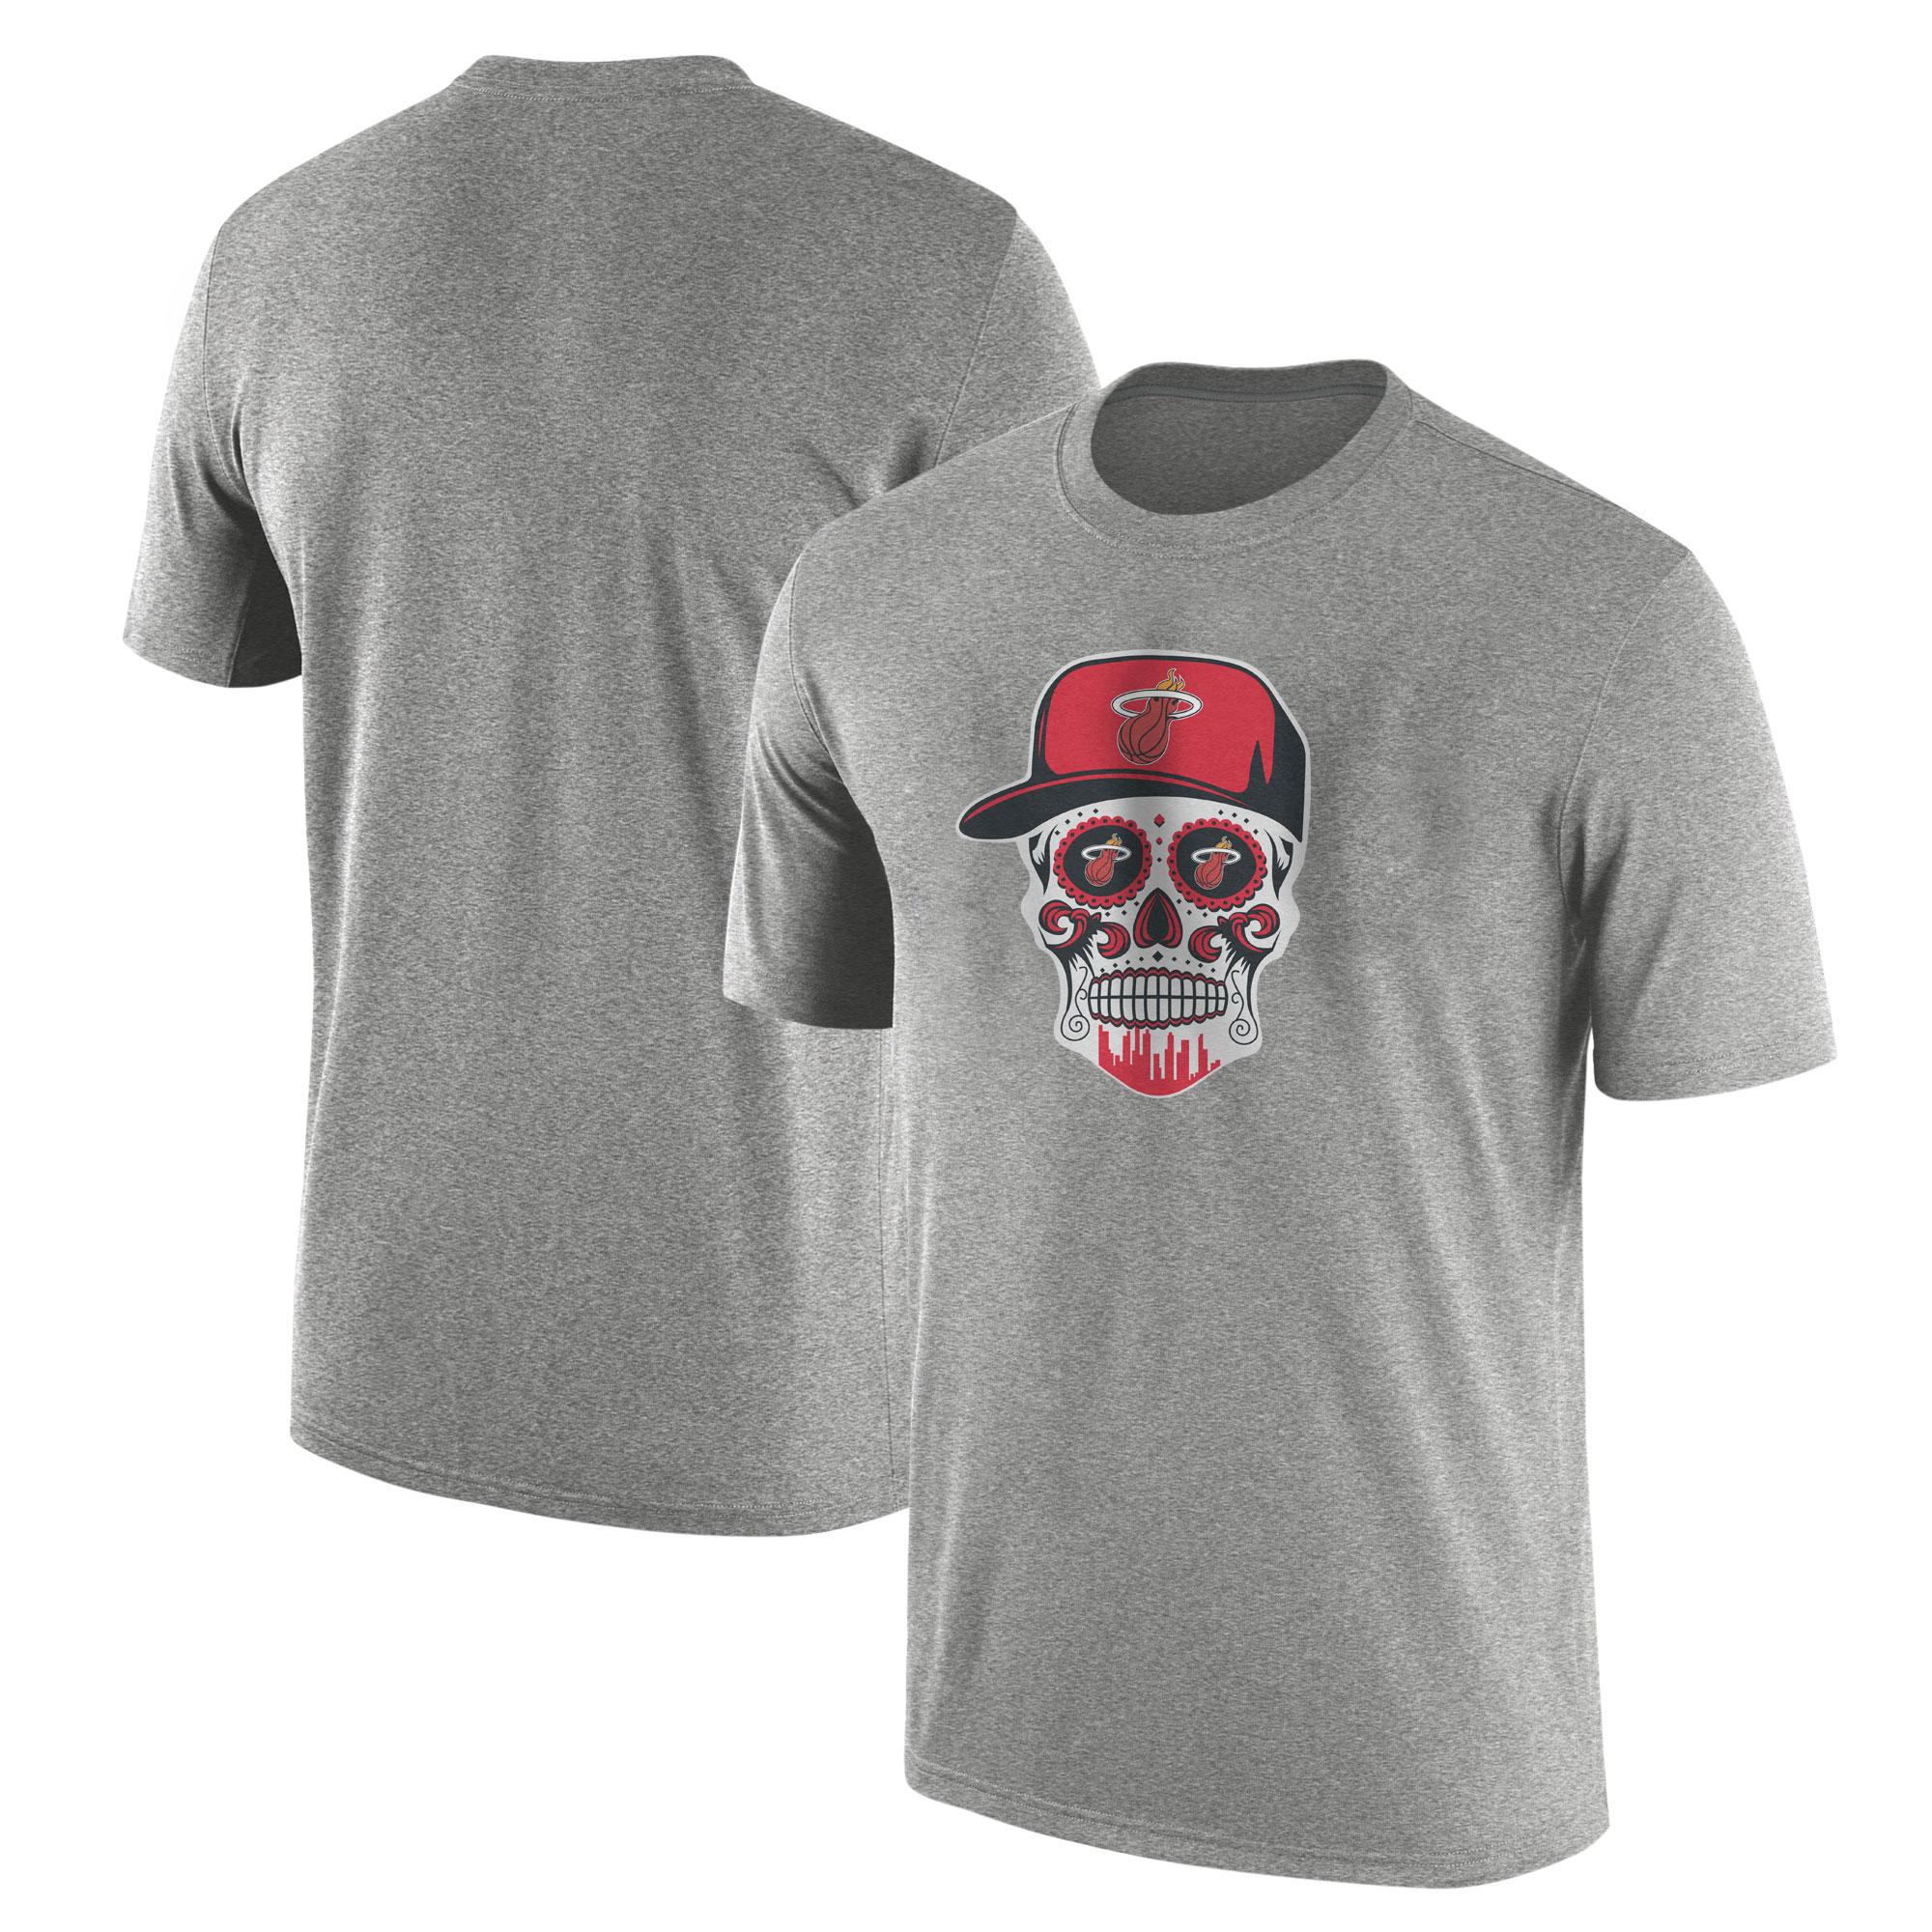 Heat Skull Tshirt  (TSH-GRY-NP-456-NBA-MIAMI-SKULL)